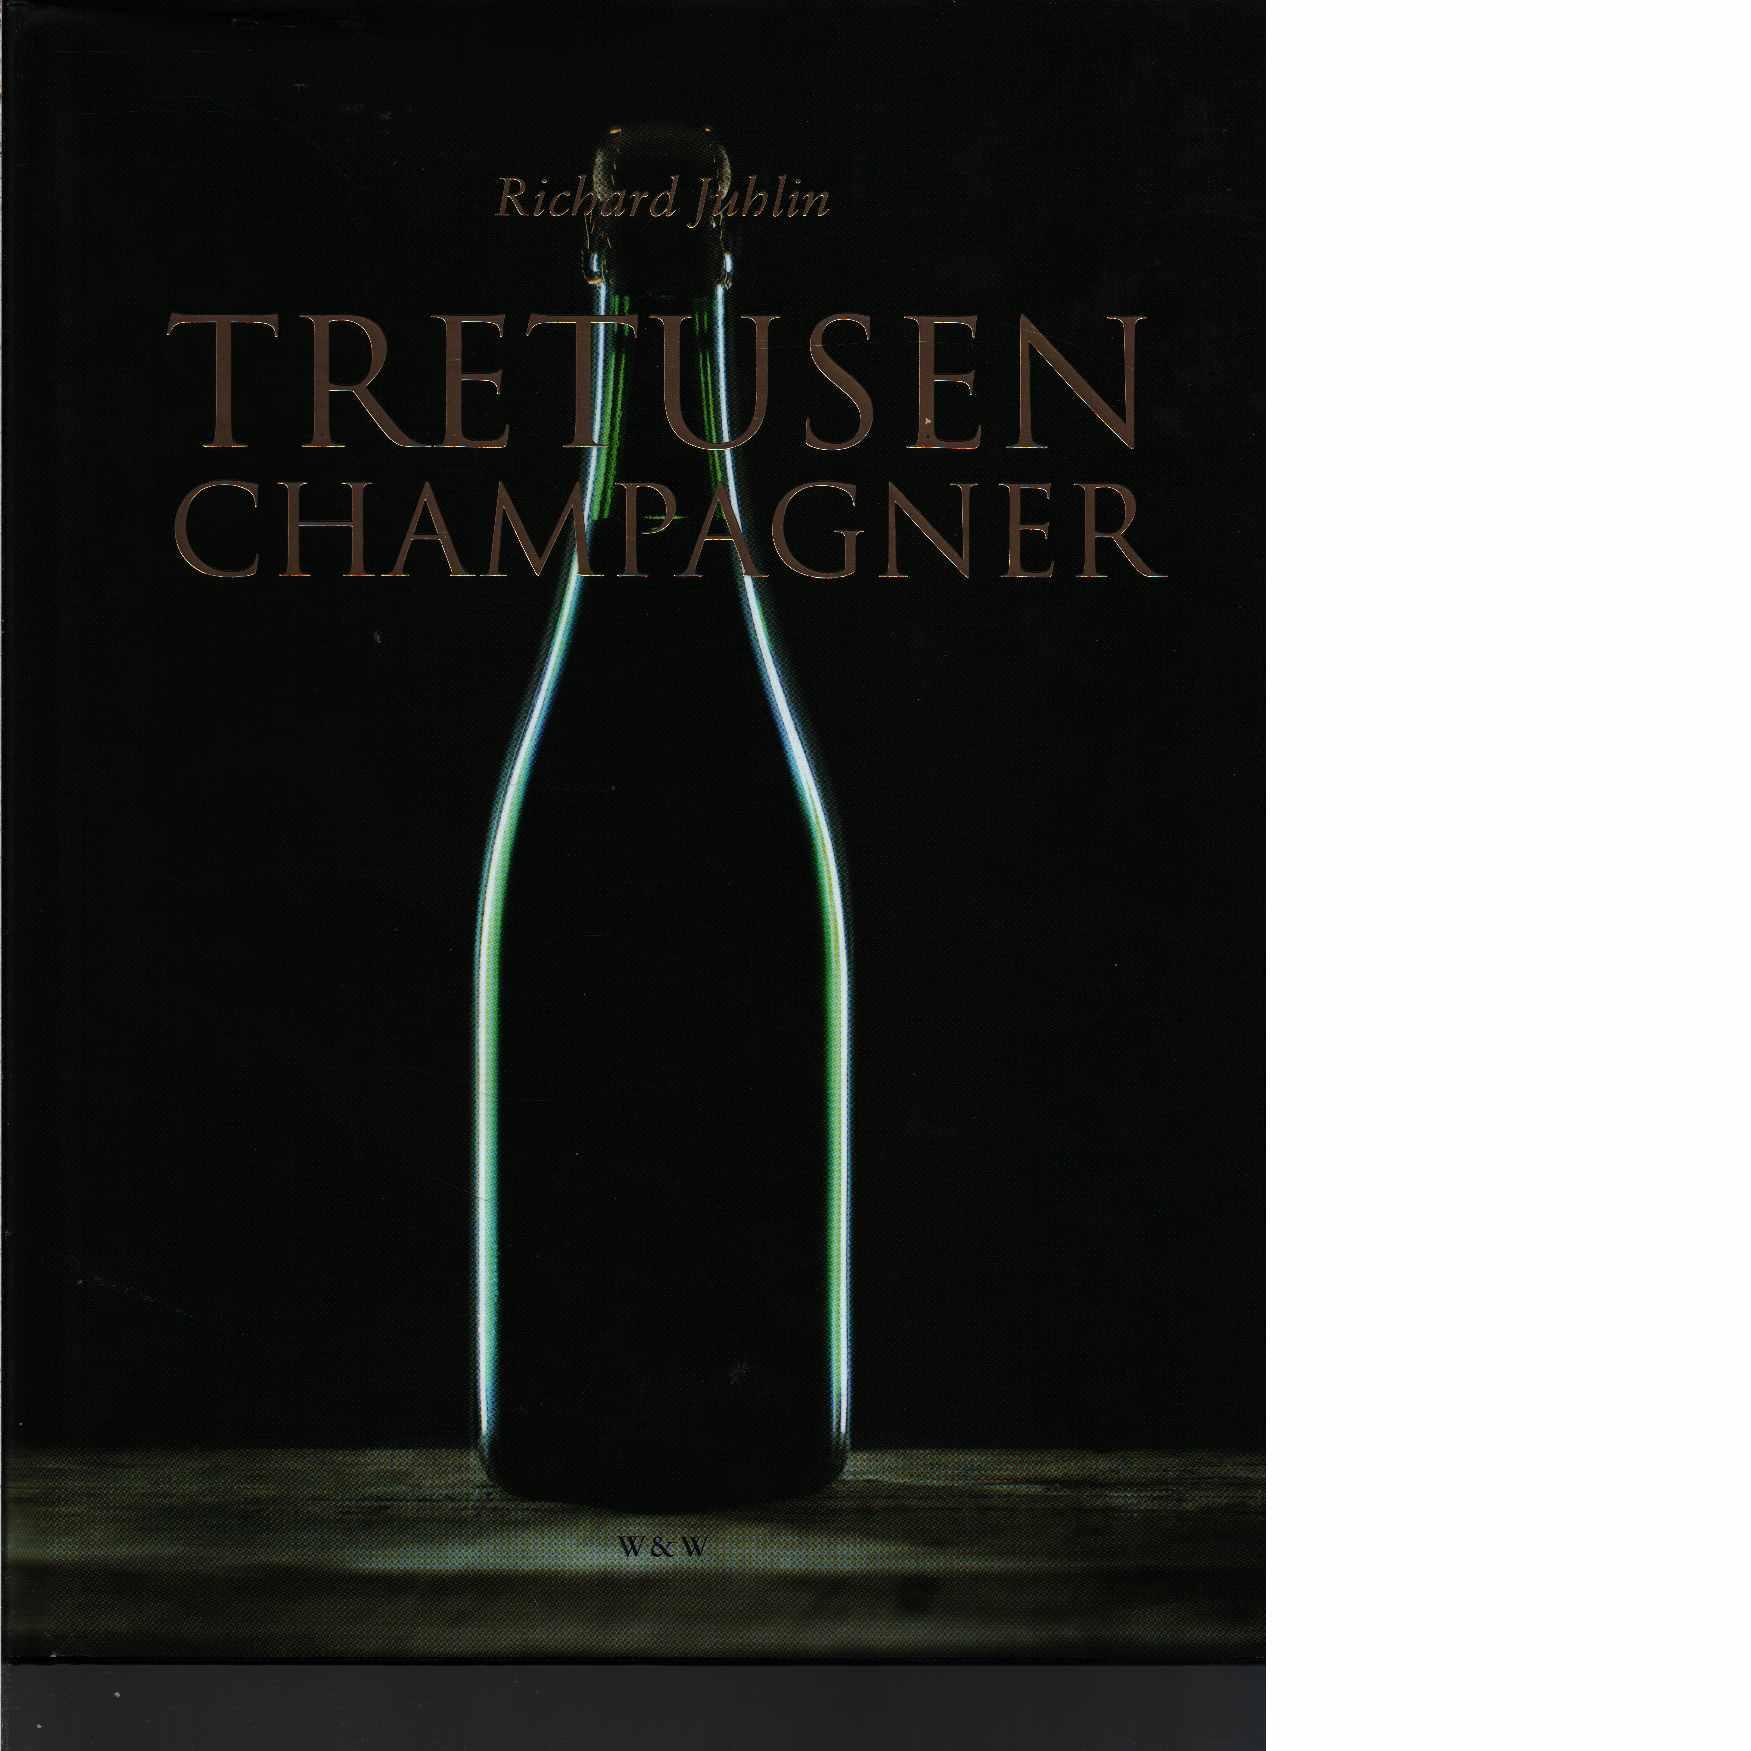 Tretusen champagner - Juhlin, Richard